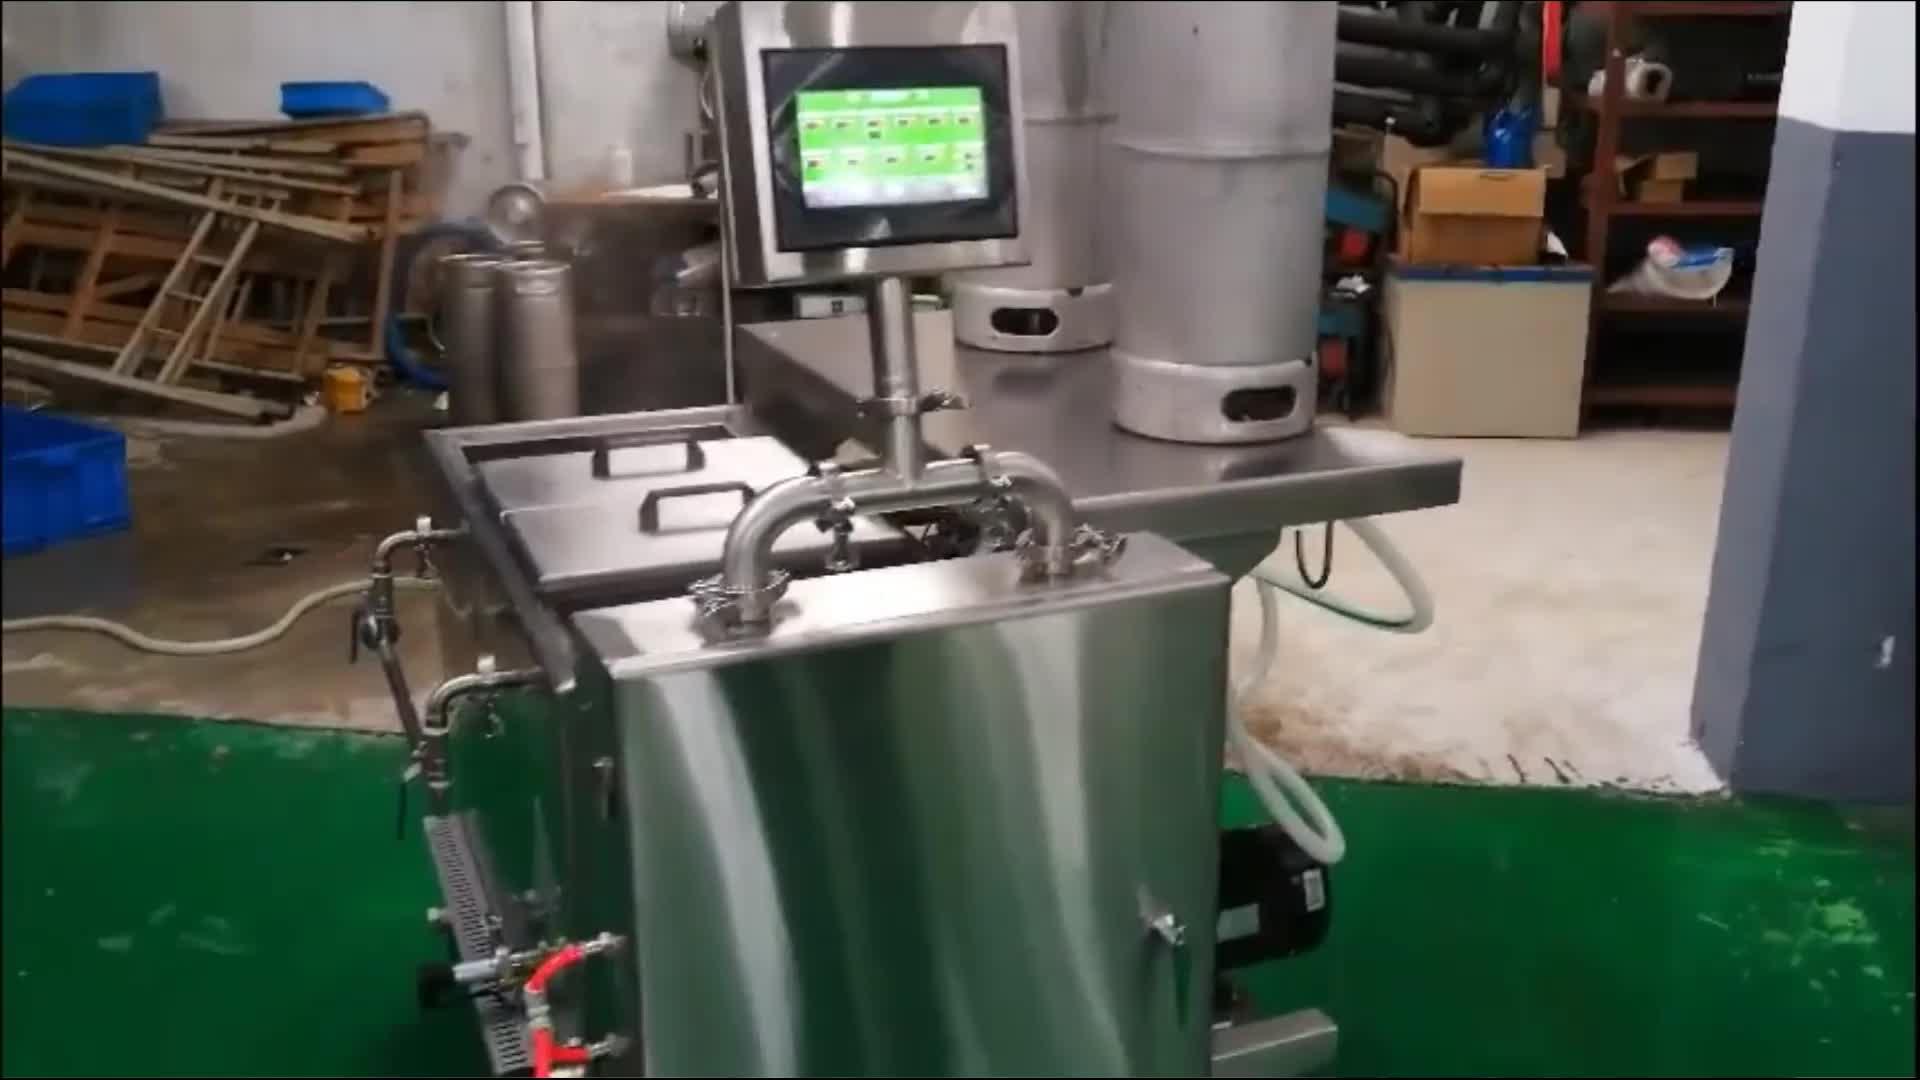 स्टेनलेस स्टील पीपा सफाई मशीन अर्द्ध ऑटो बियर का कबंध क्लीनर वॉशर बिक्री पर